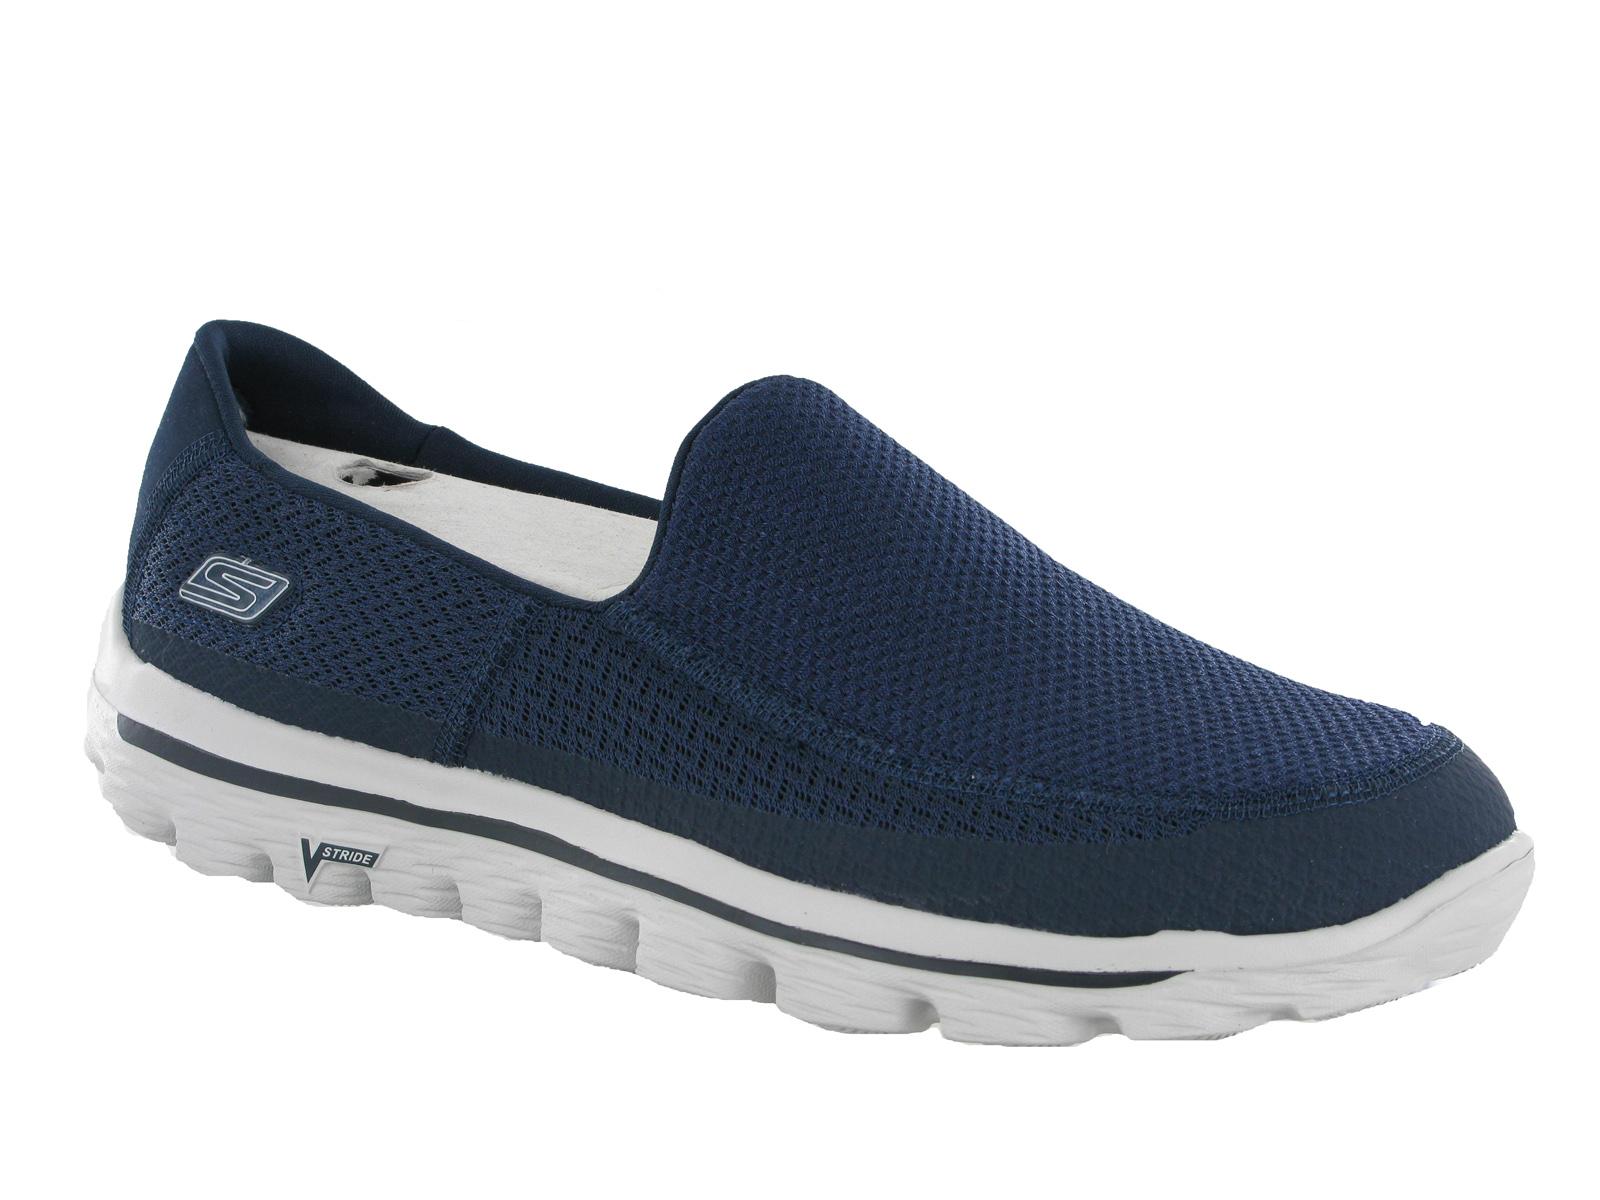 Skechers Go Walk Mens Canvas Shoes